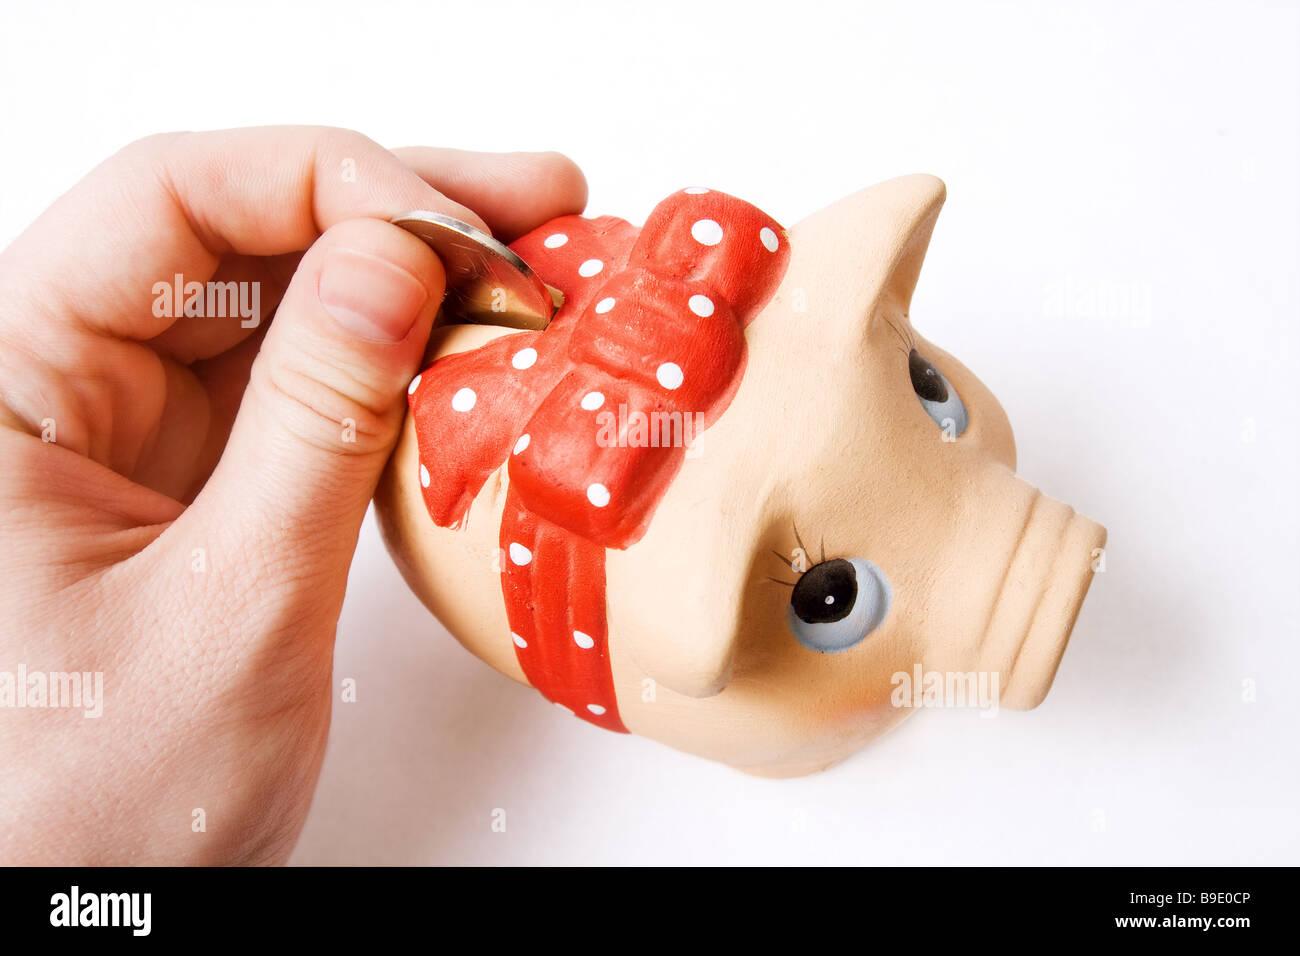 Économiser de l'argent monnaie concept inséré dans cute tirelire Photo Stock